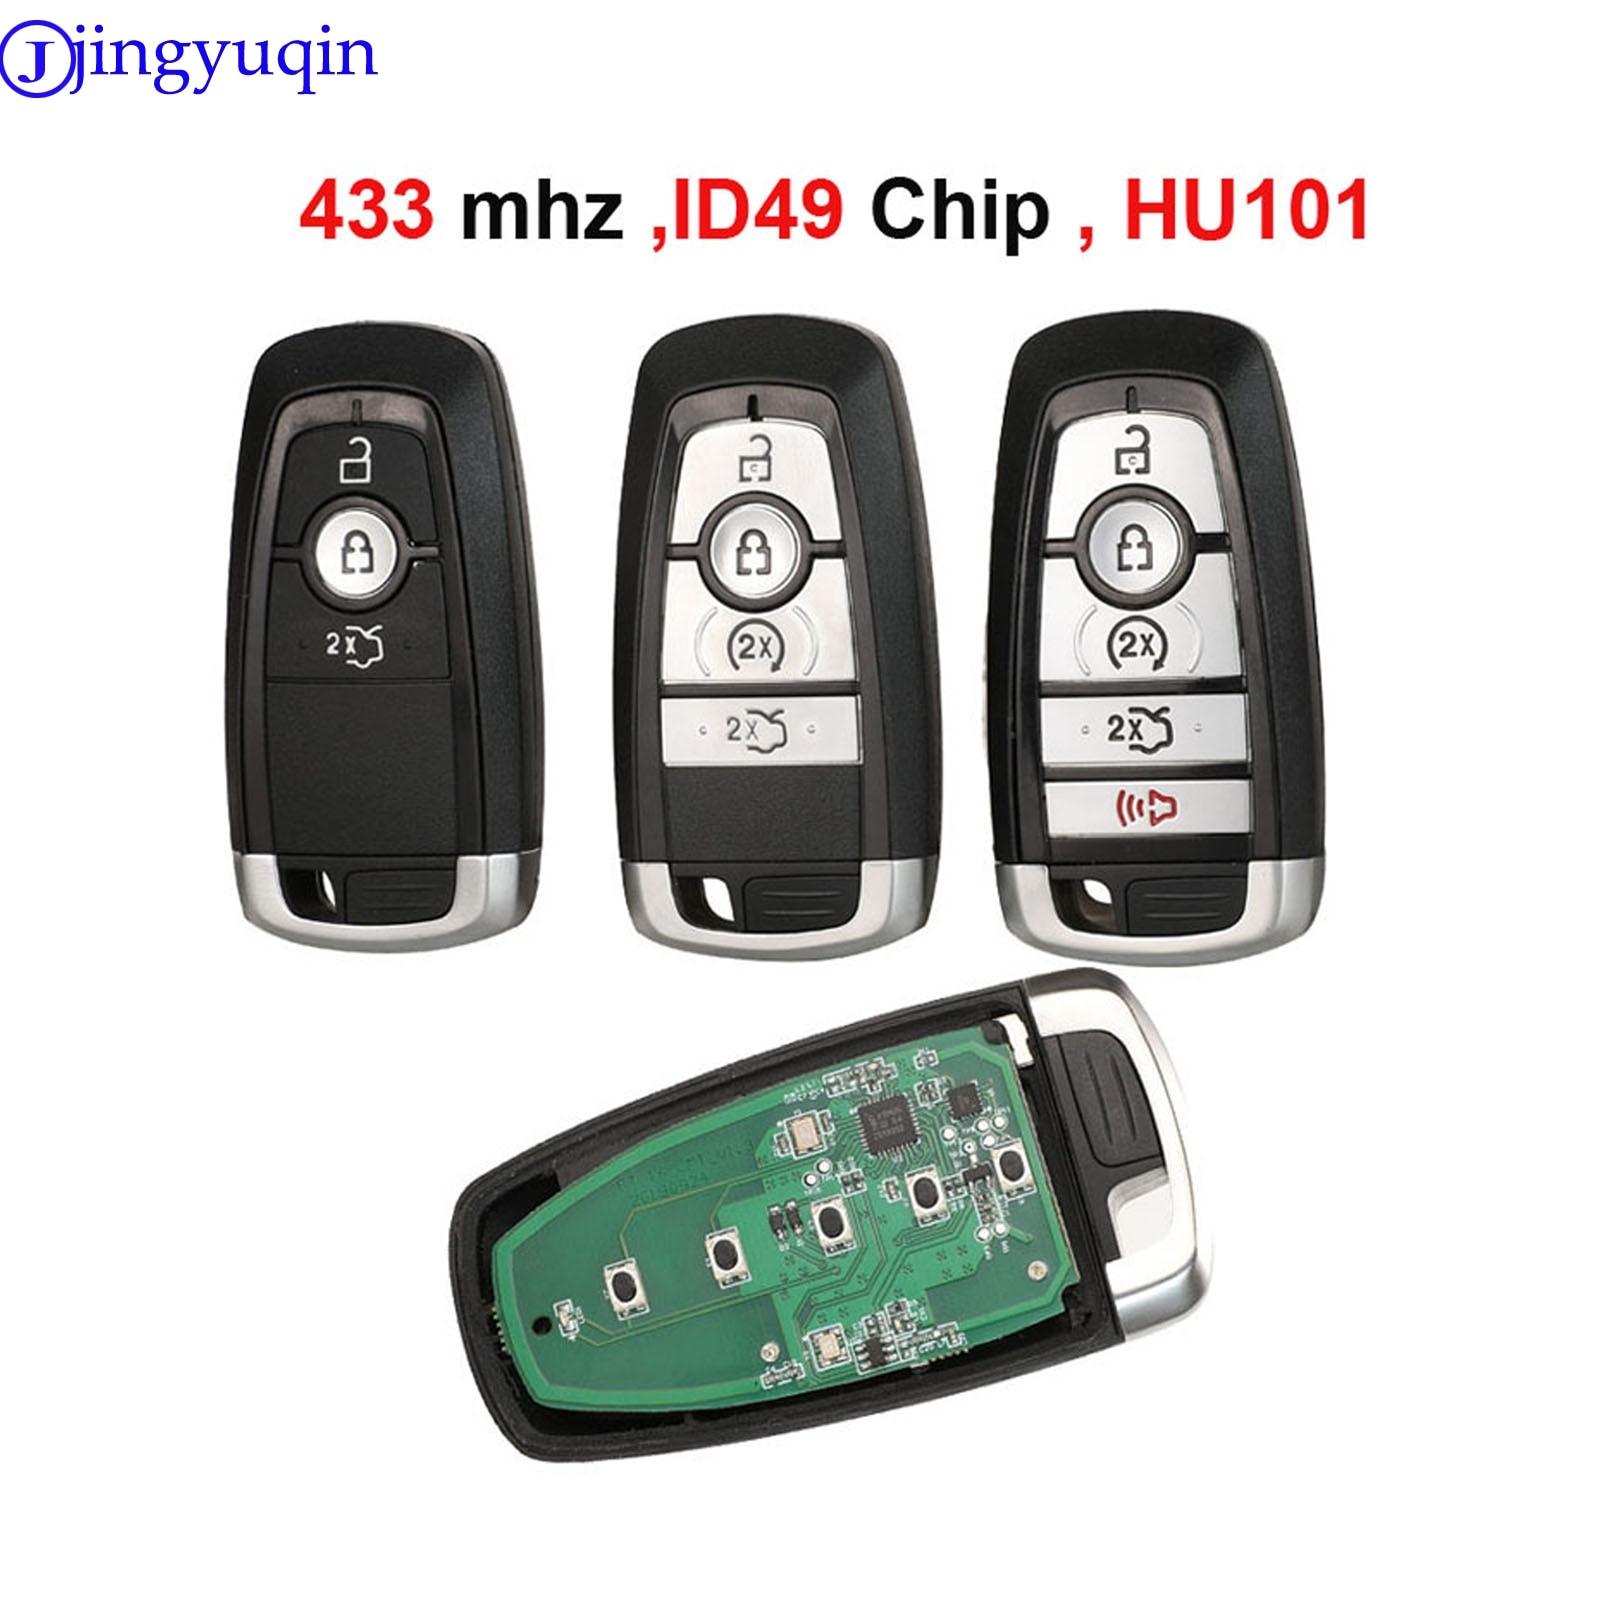 Jingyuqin 433/868/902mhz ID49 Chip Key HU101 Blade Prox Key Insert For Ford Fusion F-250 F-350 F-450 F-550 2017 M3N-A2C93142600